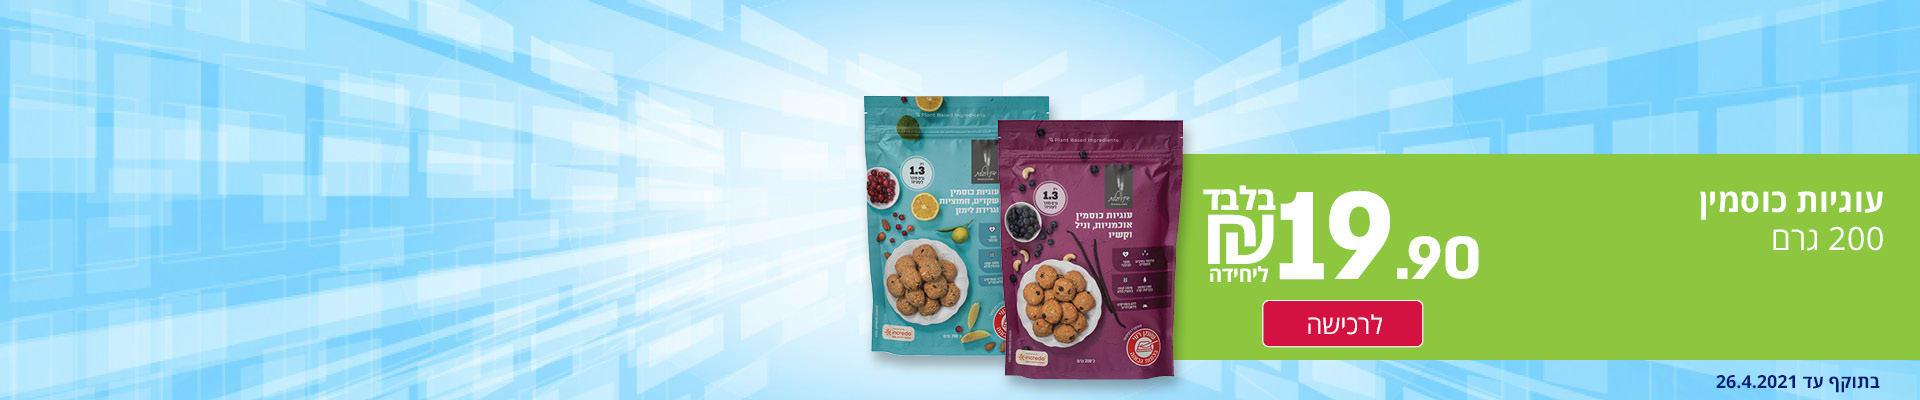 """עוגיות כוסמין 200 גרם 19.90 ד""""ח בלבד ליחידה לרכישה בתוקף עד 26.4.2021"""